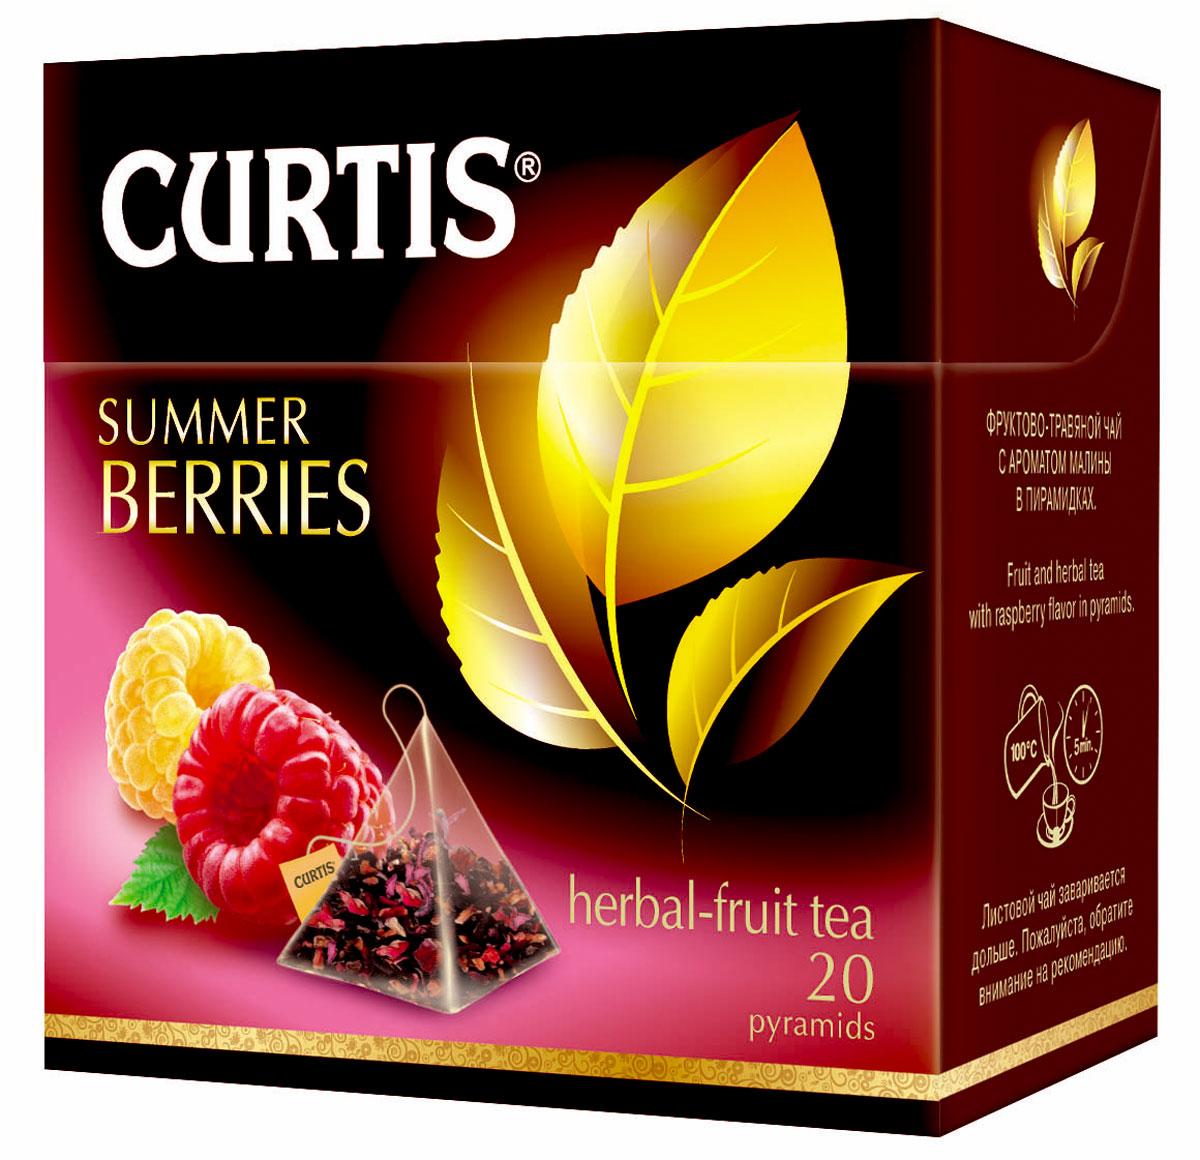 Curtis Summer Berries травяной чай в пакетиках, 20 шт515600Curtis Summer Berries - чайный напиток с кусочками ягод и фруктов и ароматом малины в пирамидках.